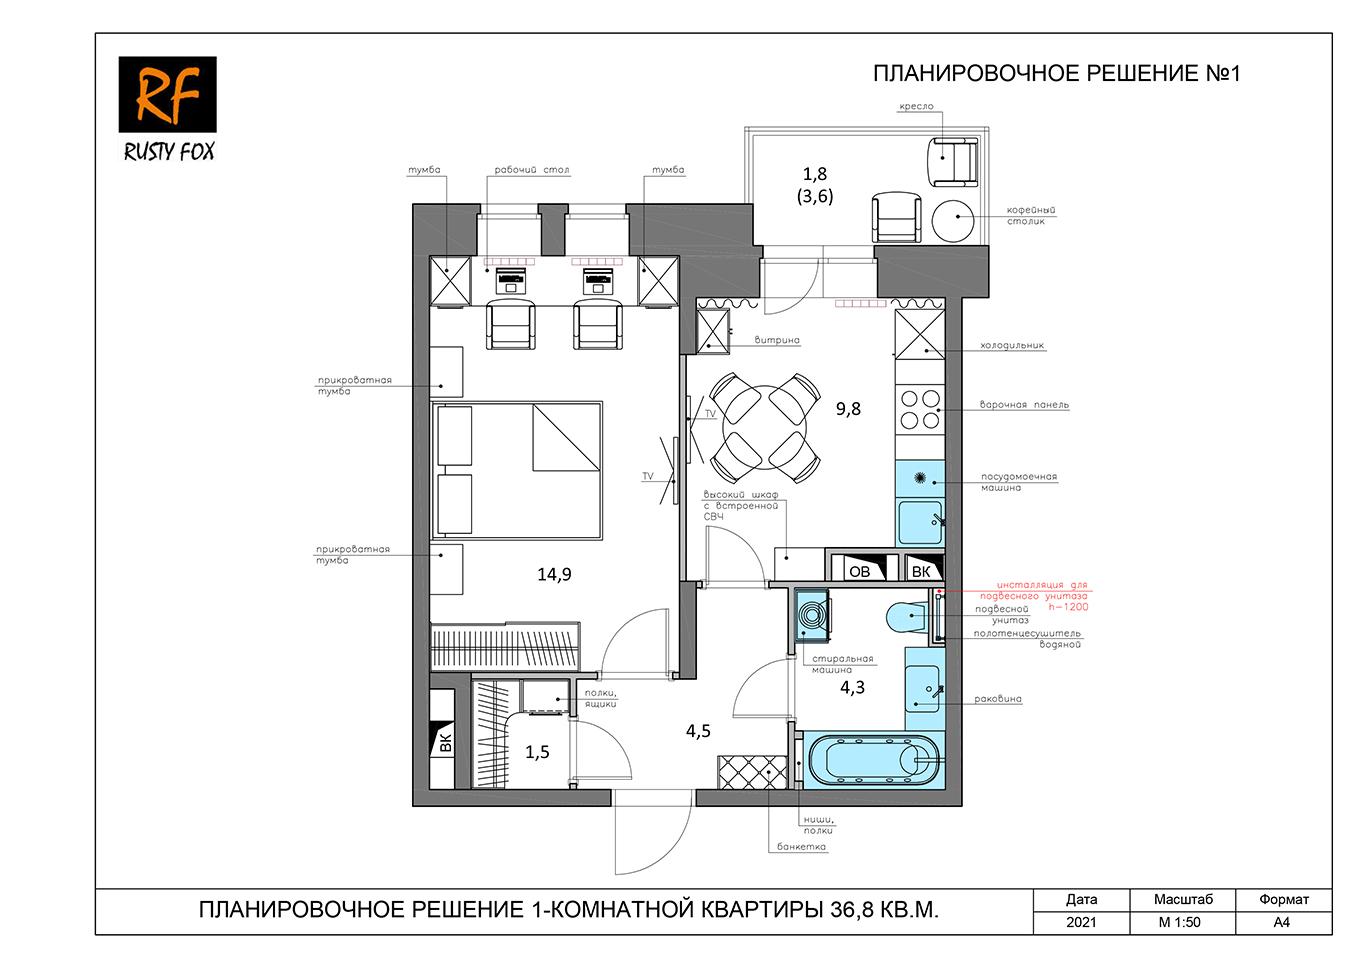 ЖК Люберцы корпус 52, секция 2. Планировочное решение №1 1-комнатная квартира левая 36,8 кв.м.